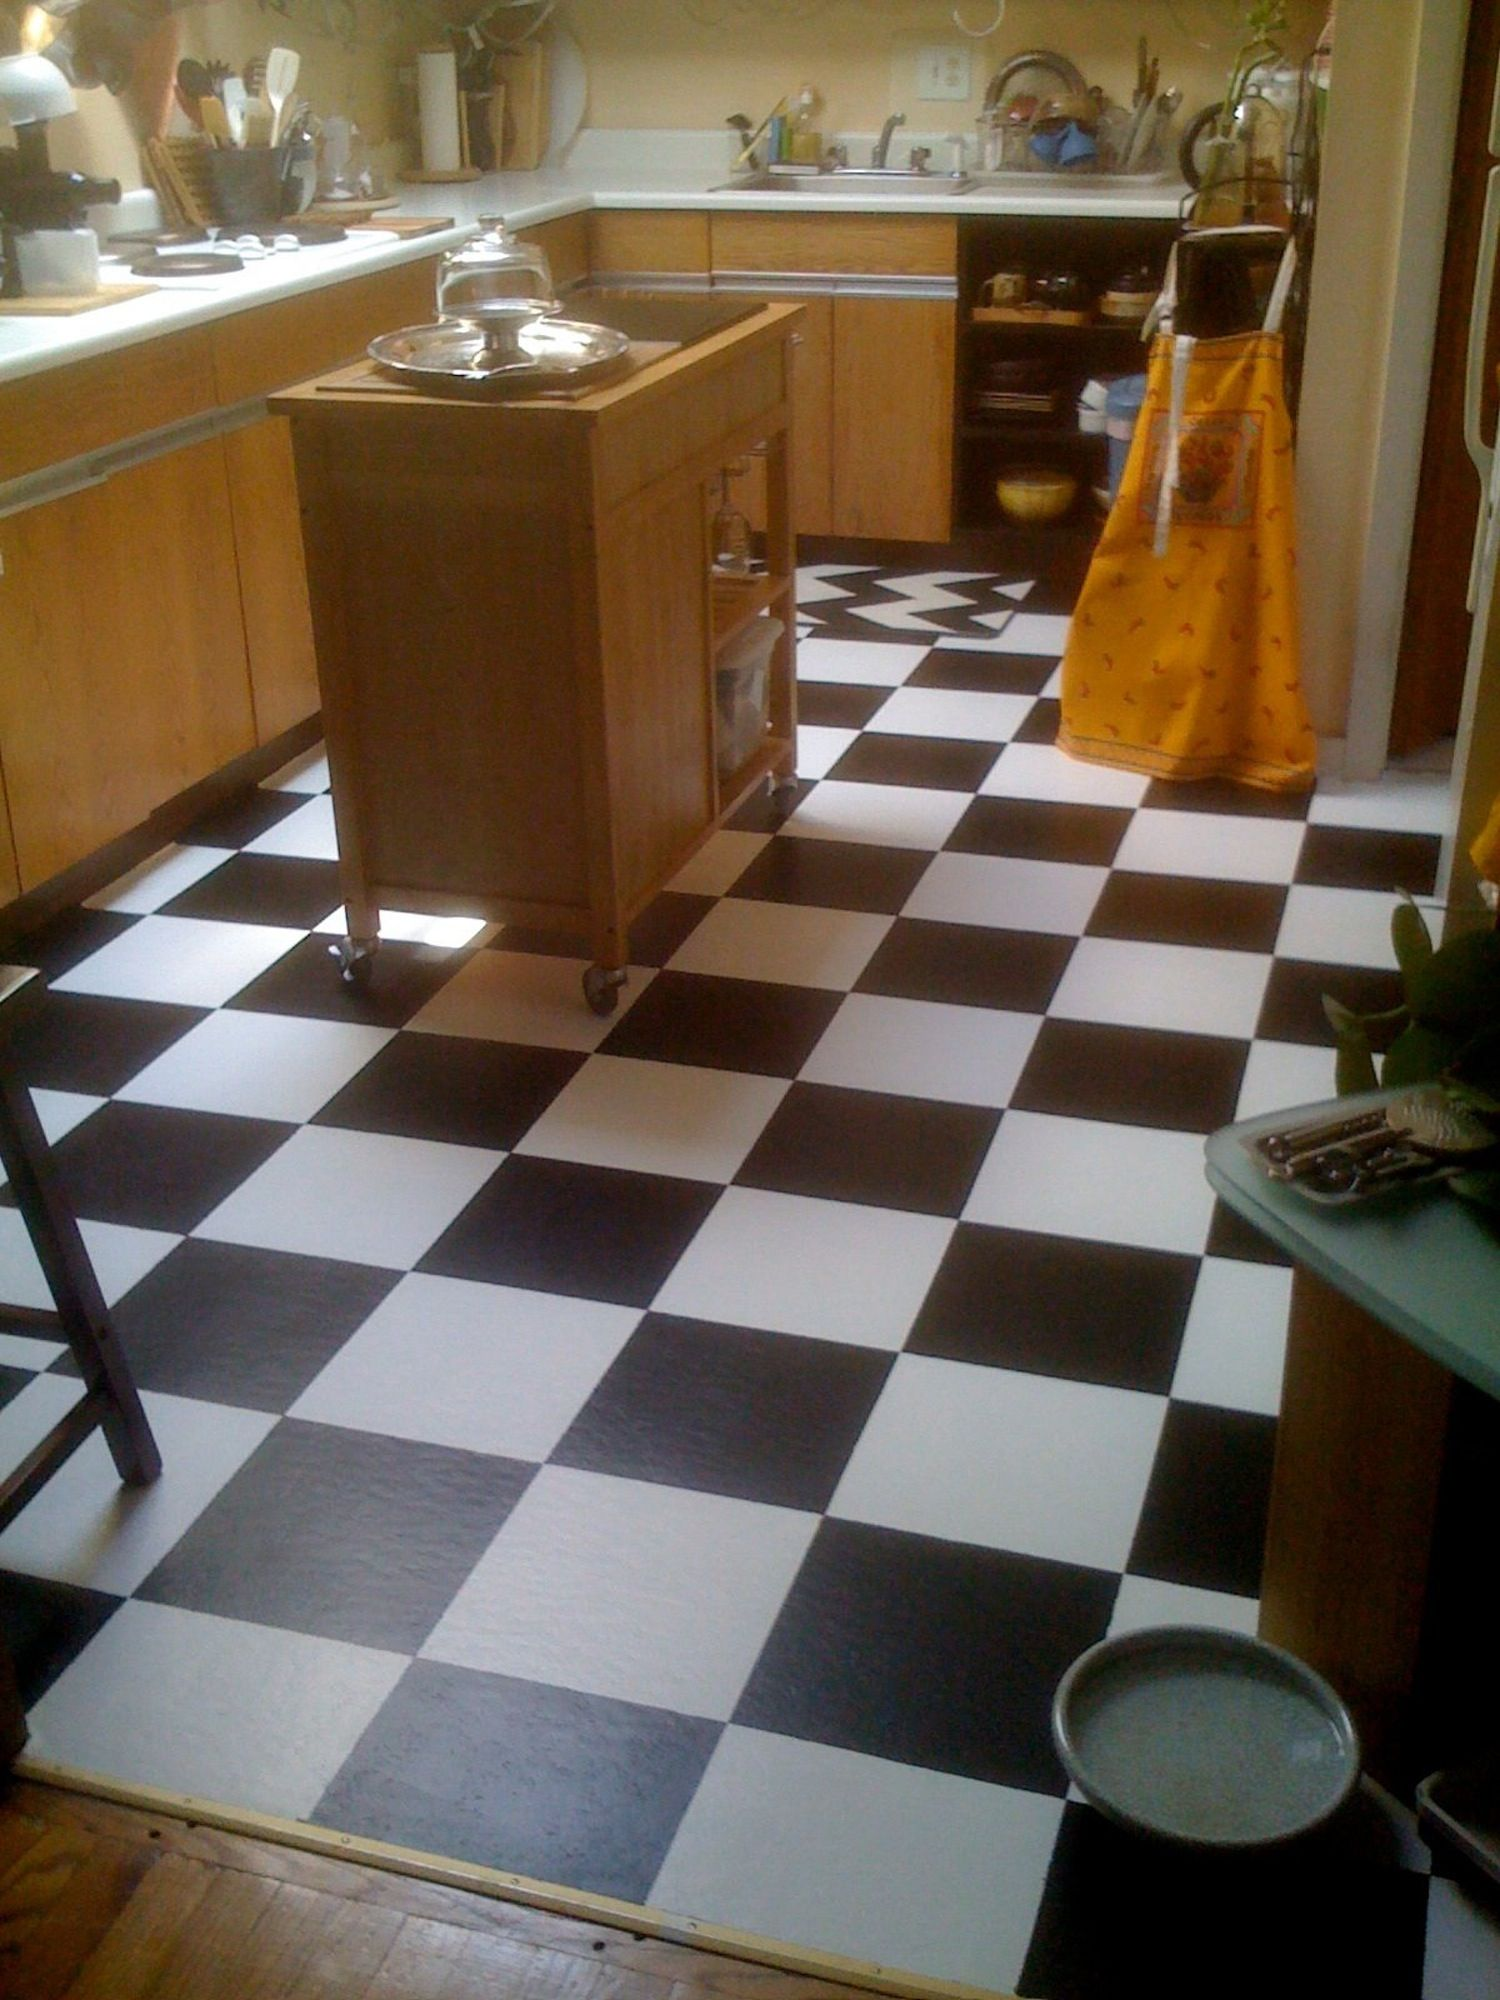 Floor Tile Decor Diy Room Decor How To Paint Over Vinyl Floor Tiles  Diy Room